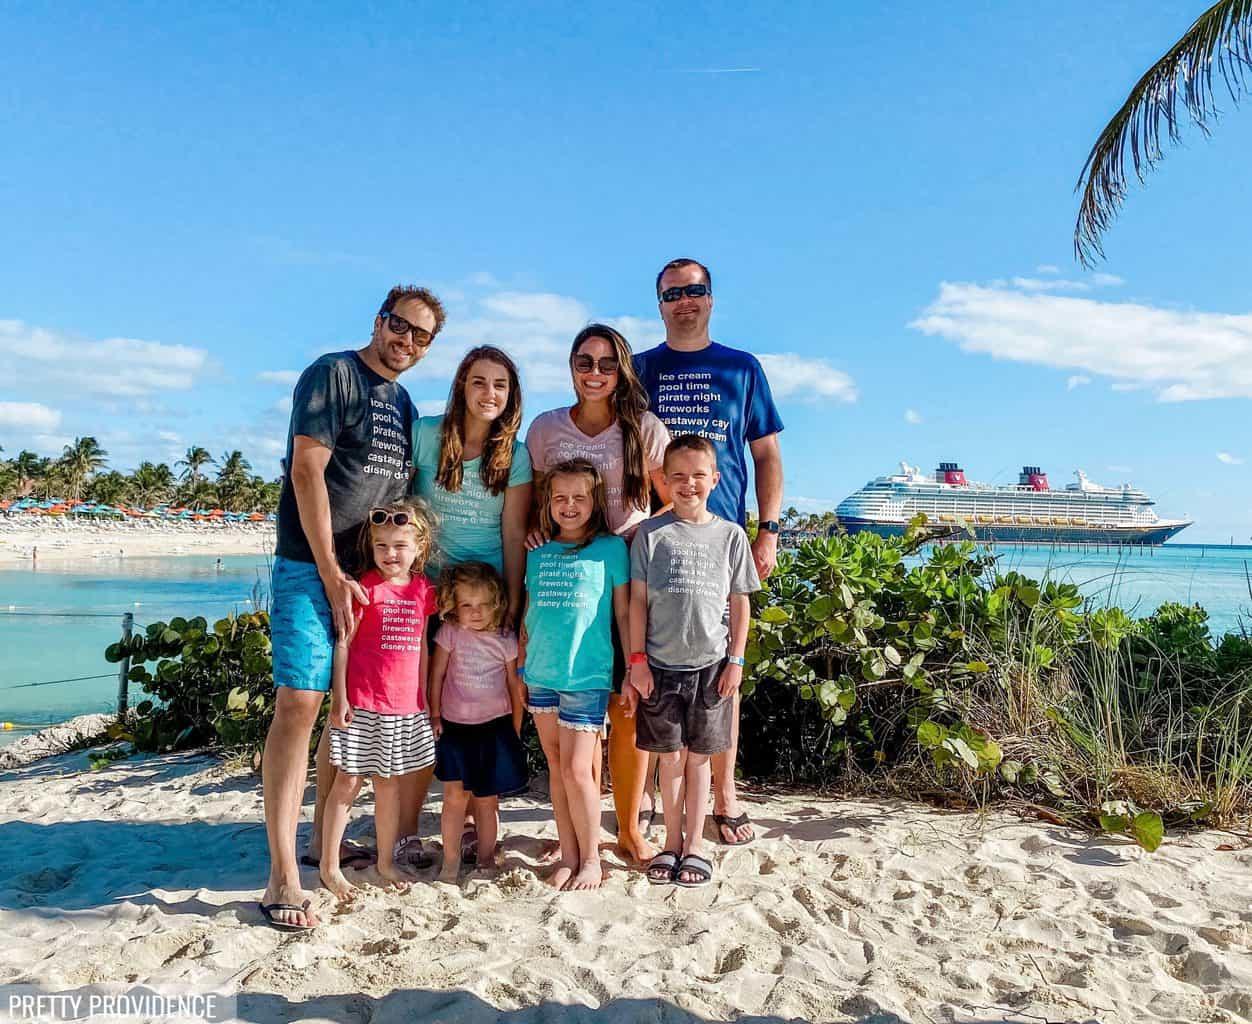 Famille portant des chemises familiales de croisière Disney assorties sur Castaway Cay avec le bateau de croisière Disney en arrière-plan.